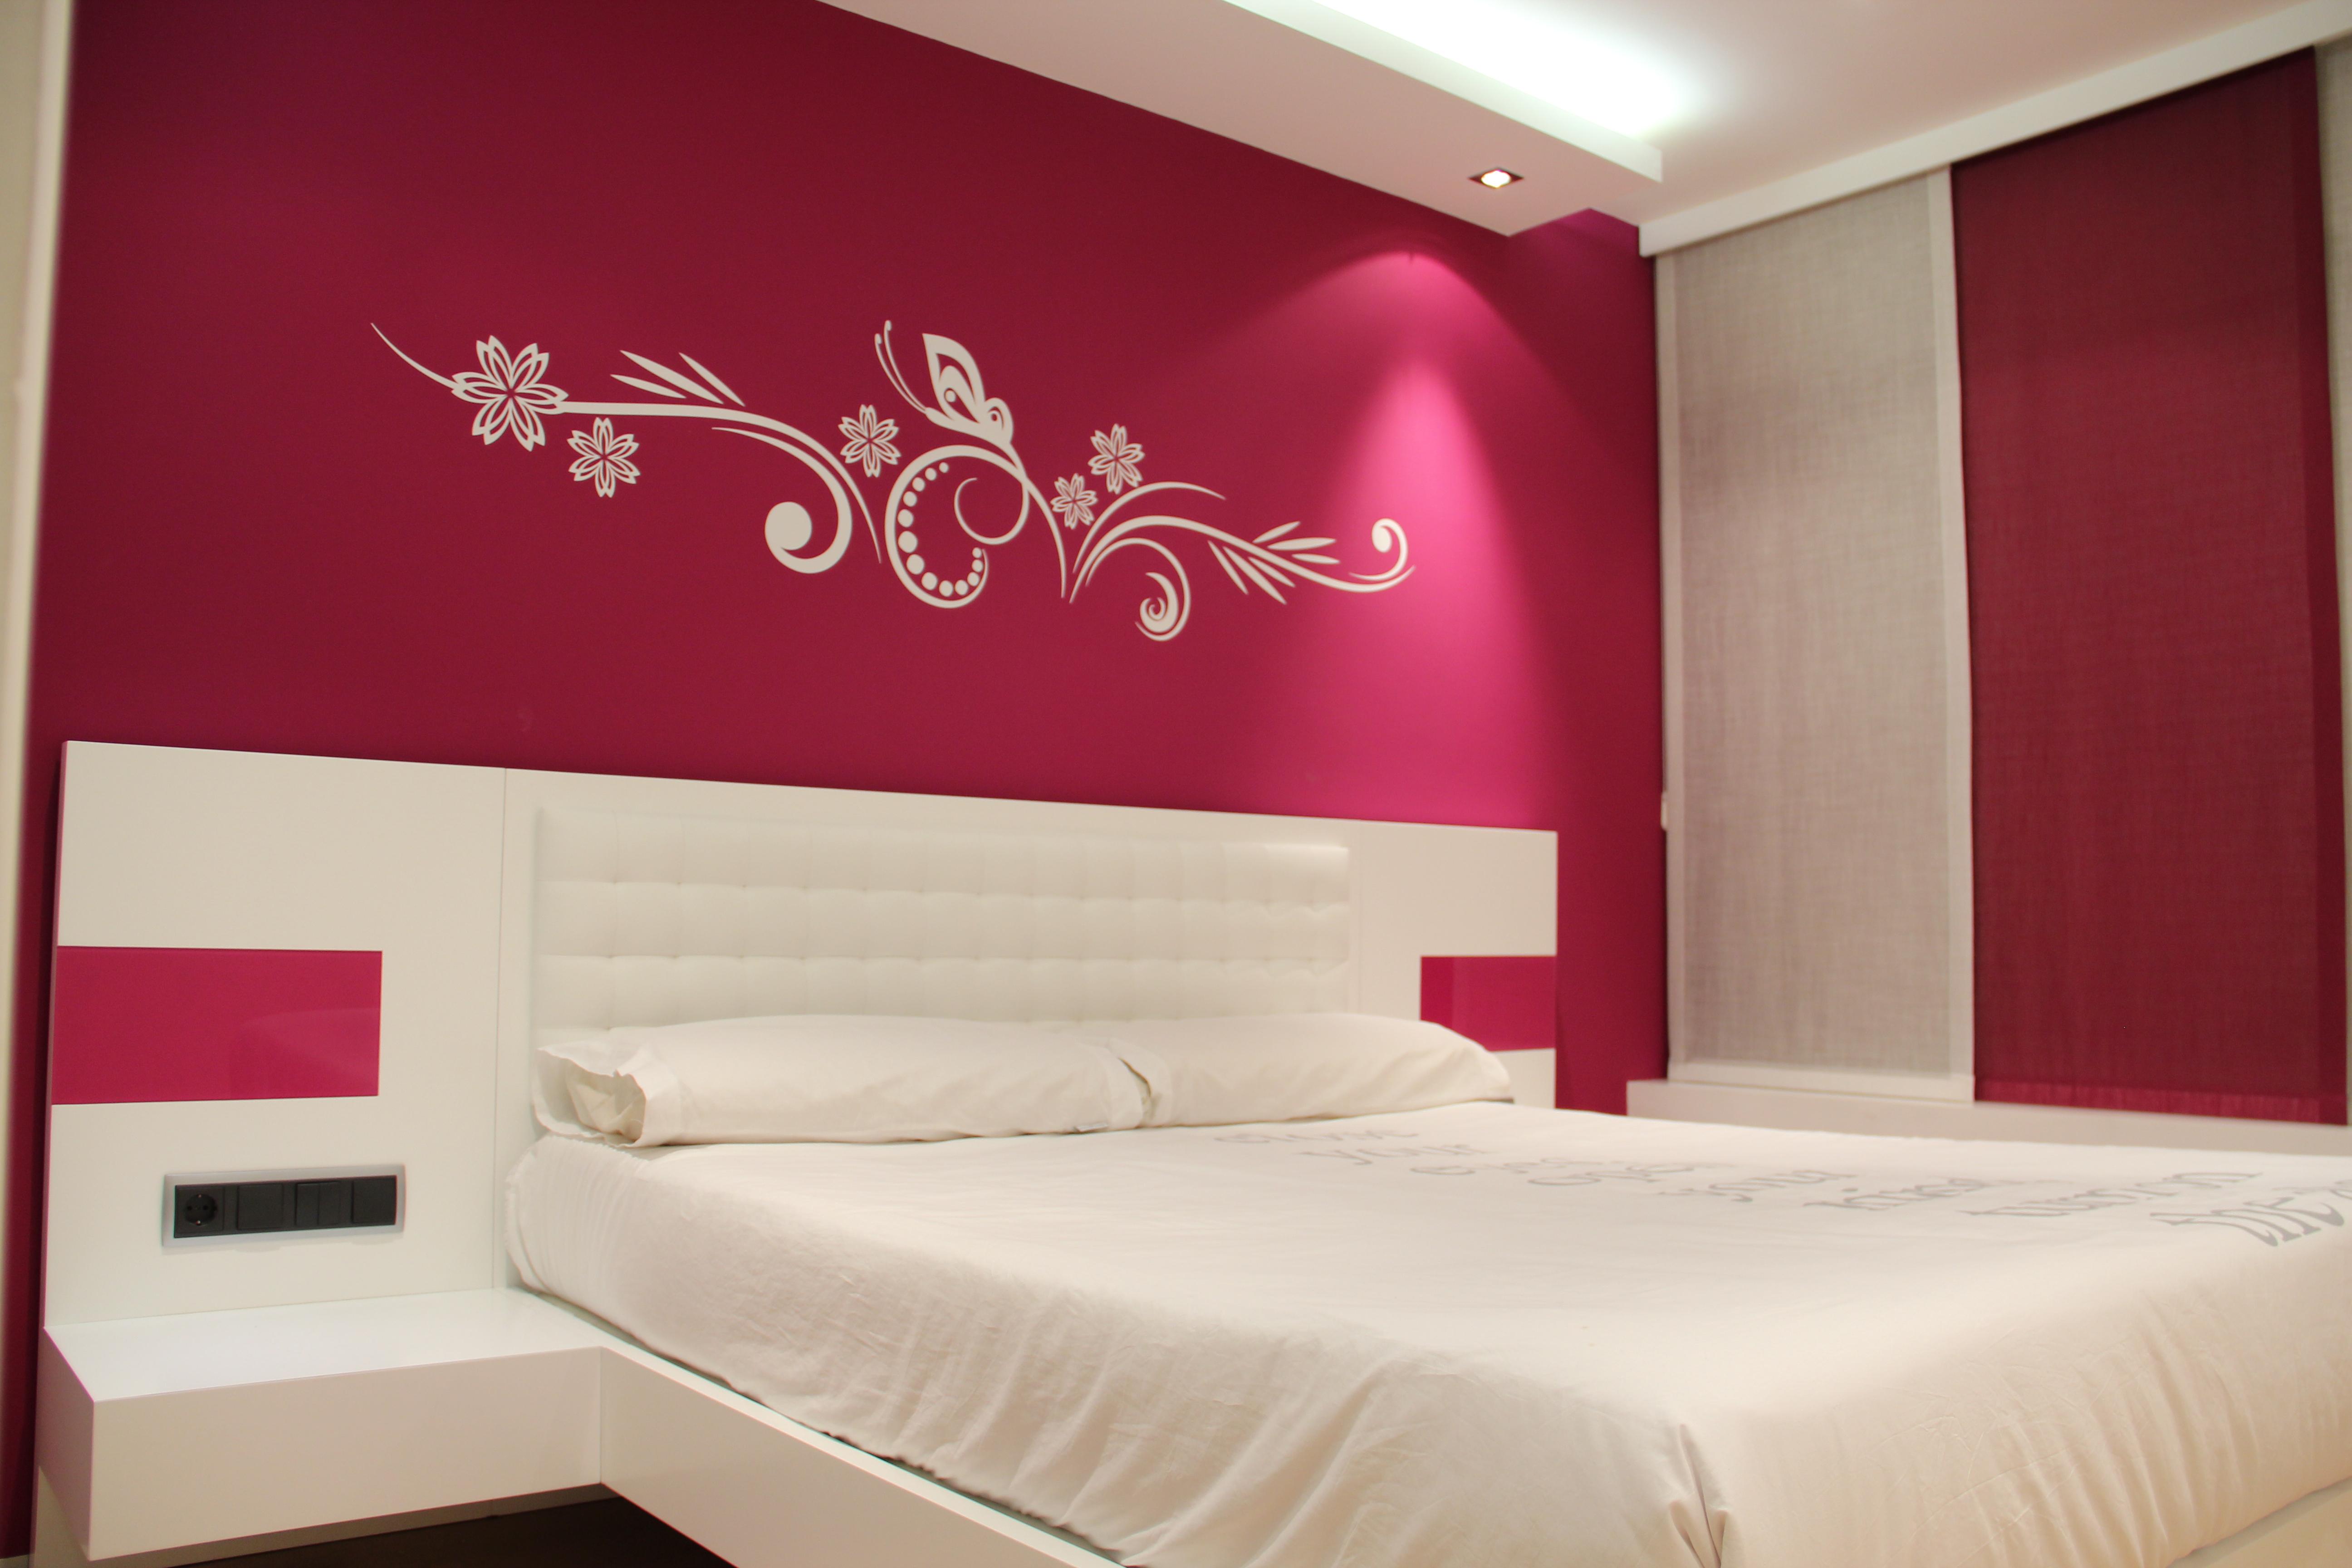 Dormitorios coru a carpinter a pallas deus - Decoracion en pintura para dormitorios ...